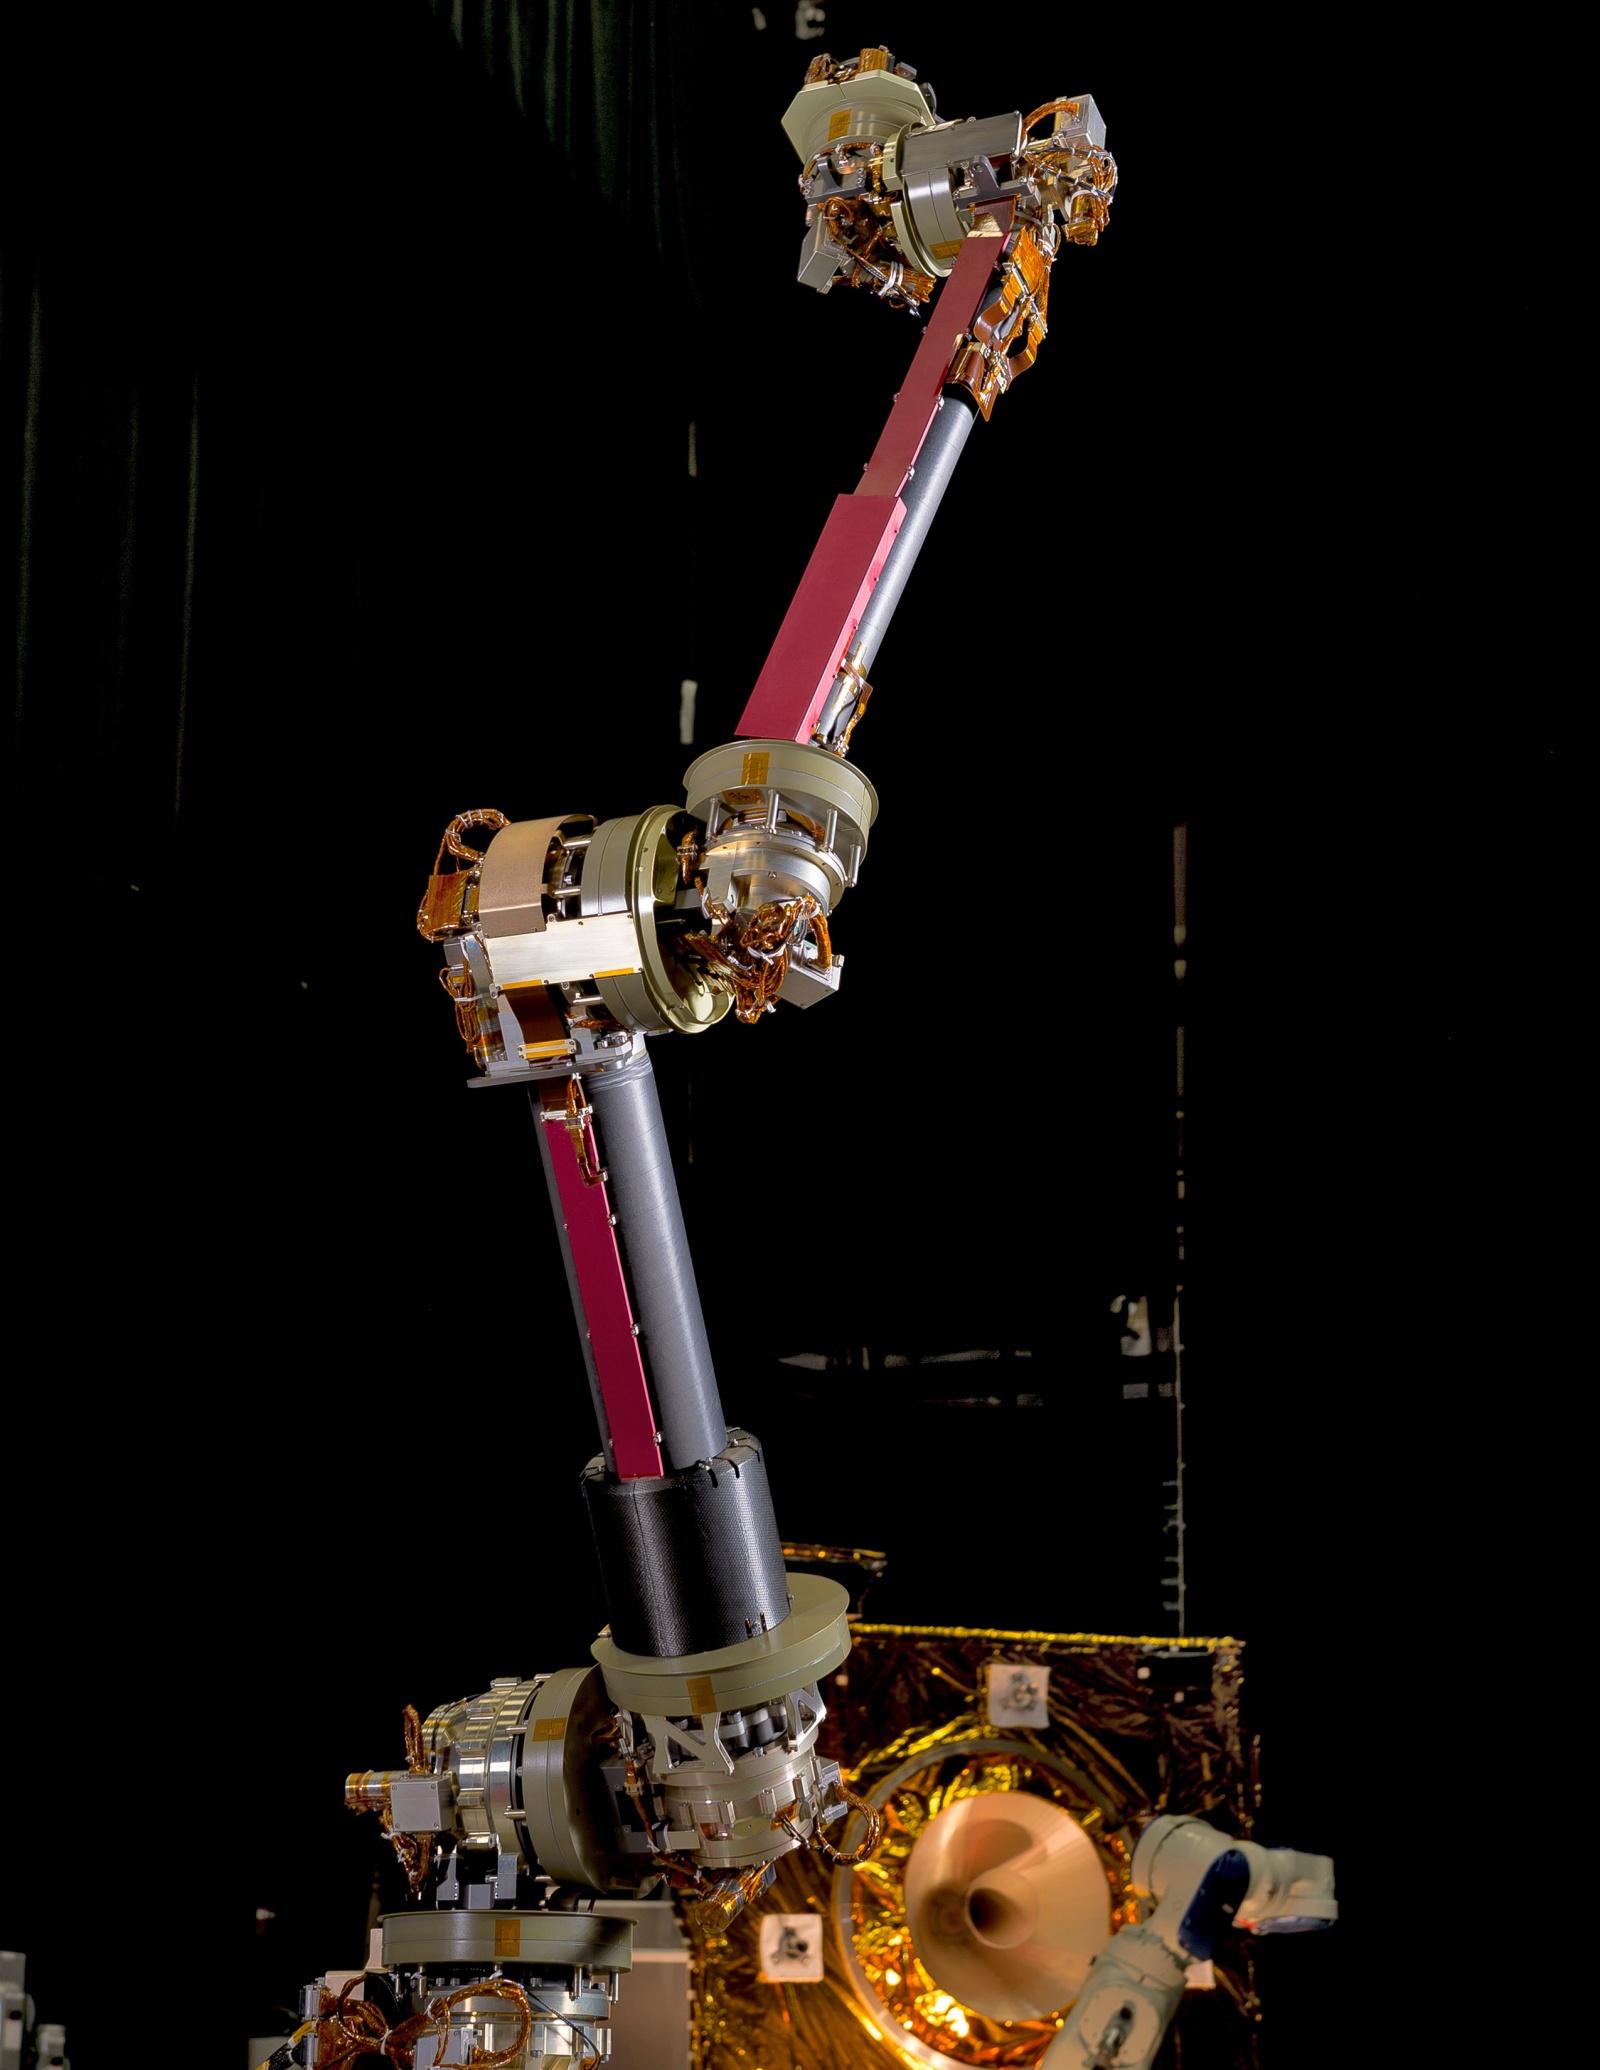 НАСА разрабатывает спутник для дозаправки и технического обслуживания других спутников - 2